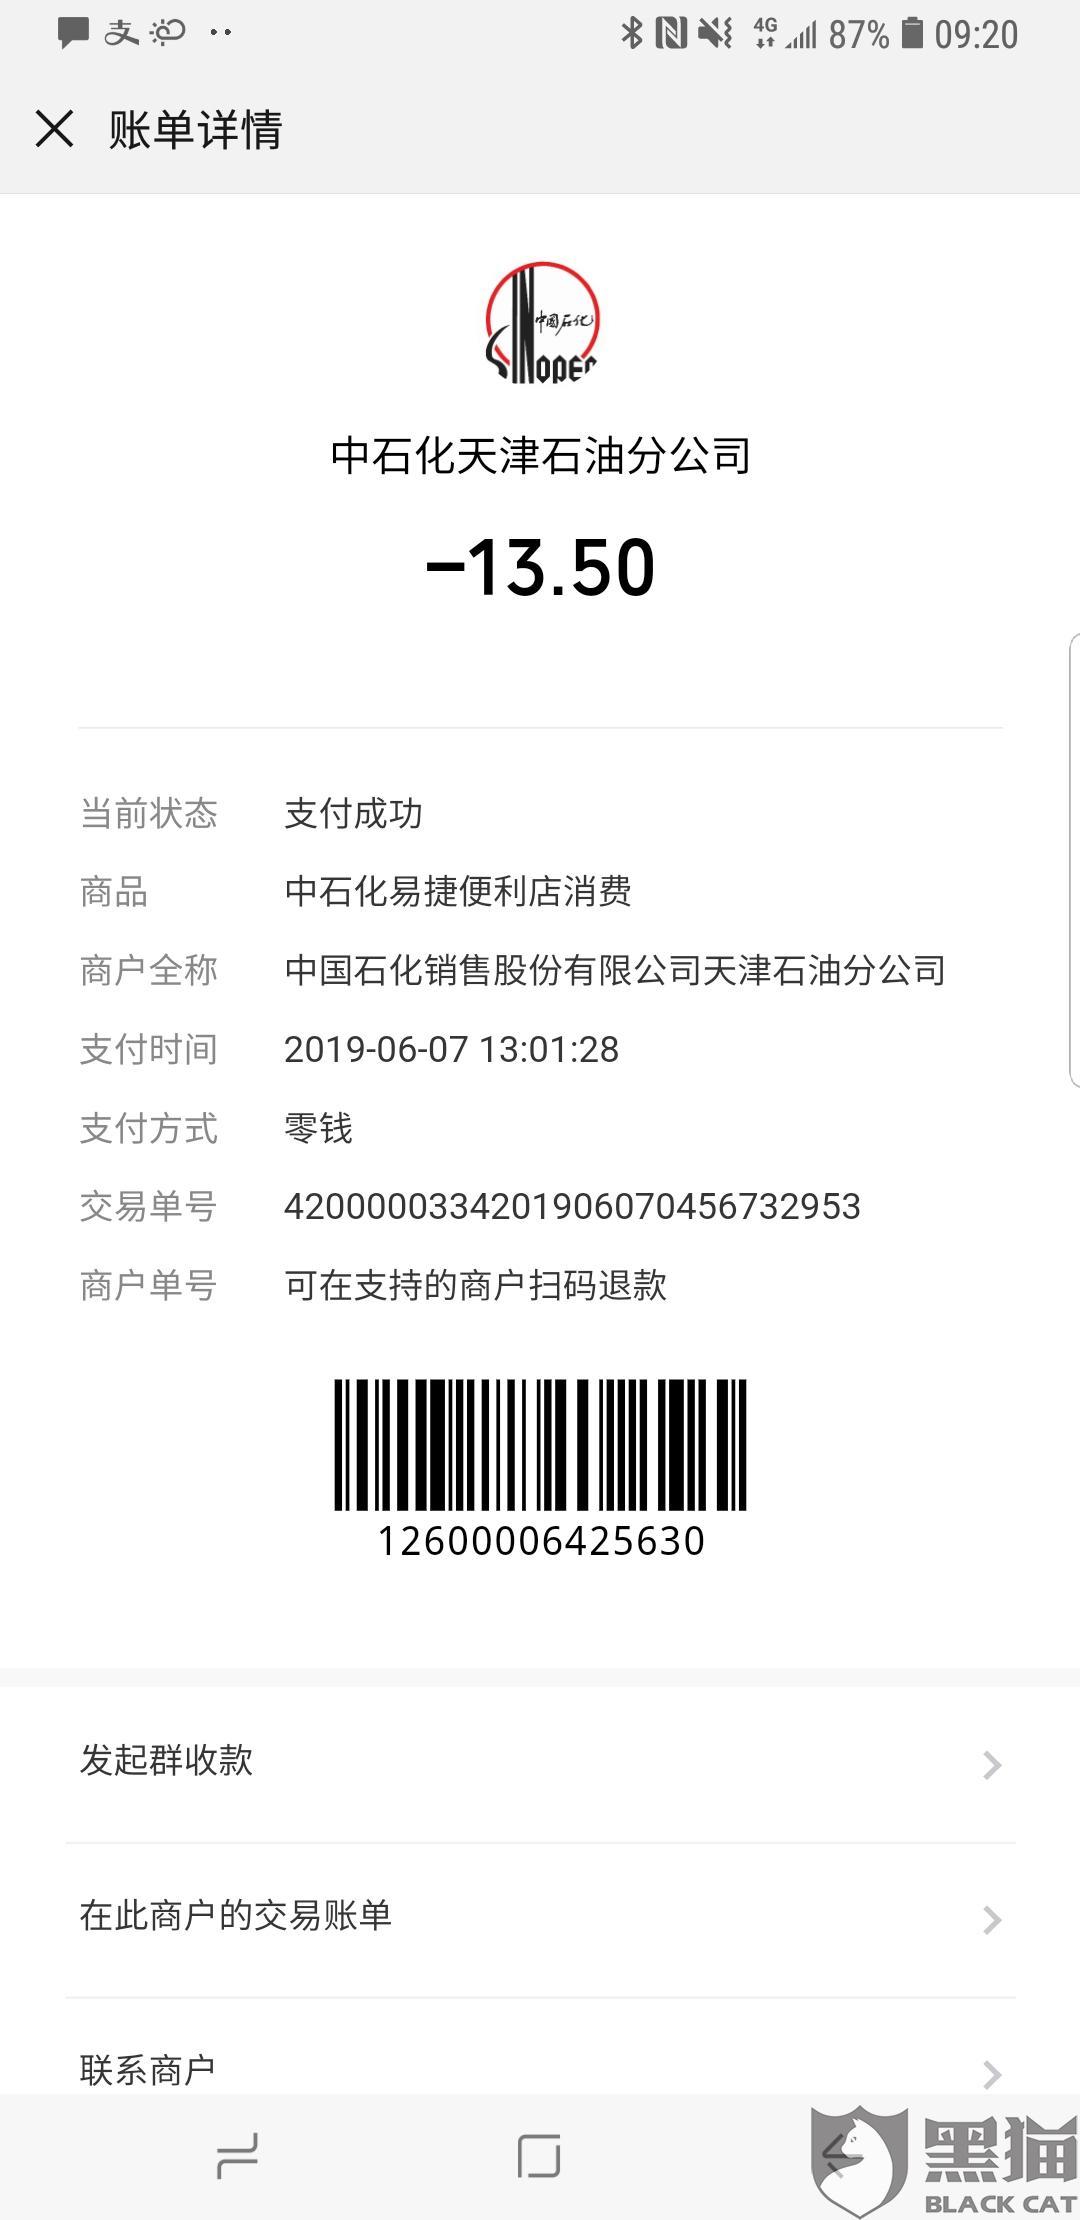 黑猫投诉:中国石化加油站天津石桥站地址是宝坻区津围公路易捷便利店